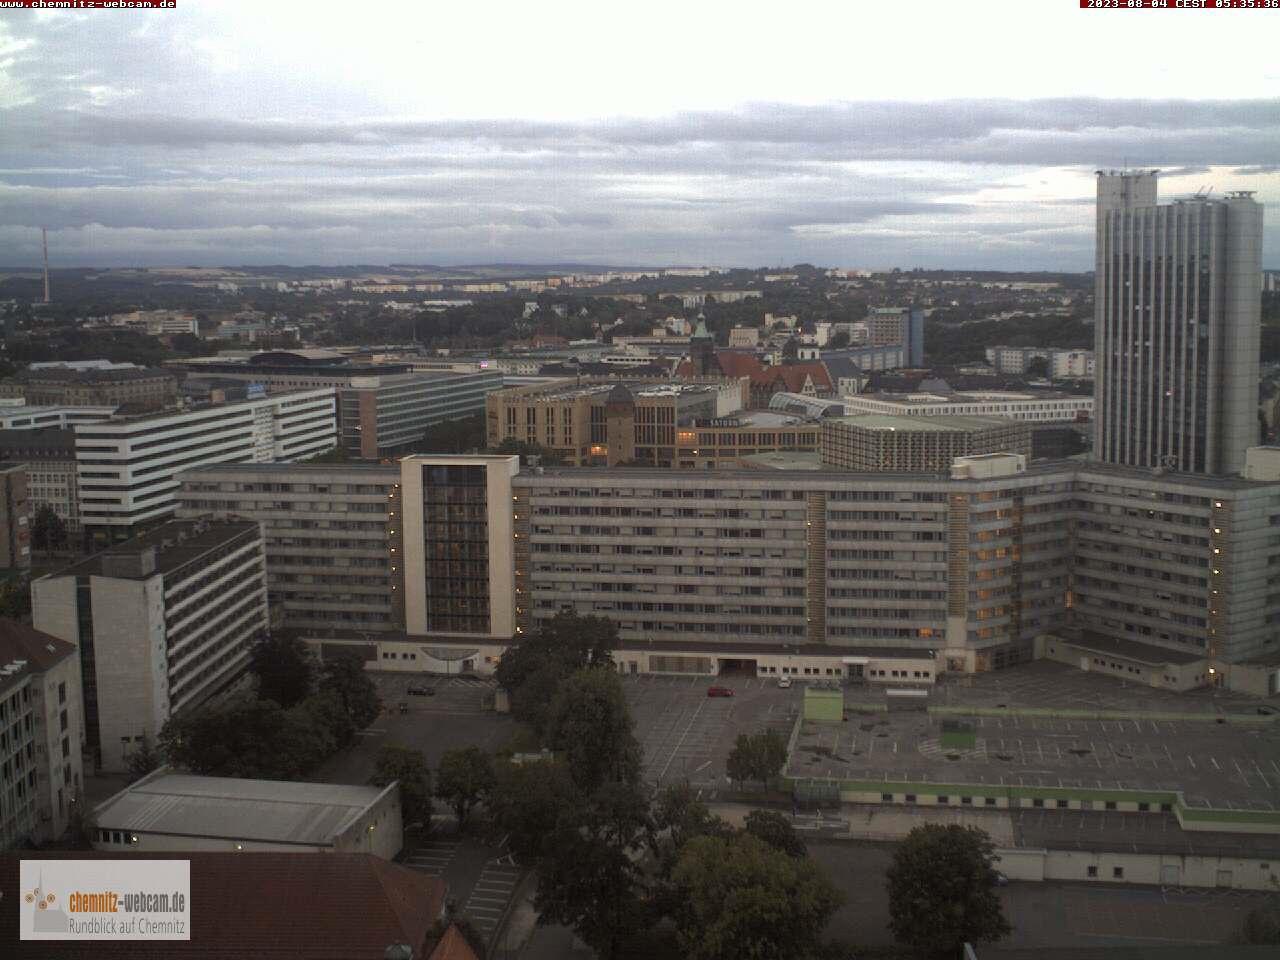 Chemnitz Sat. 05:45